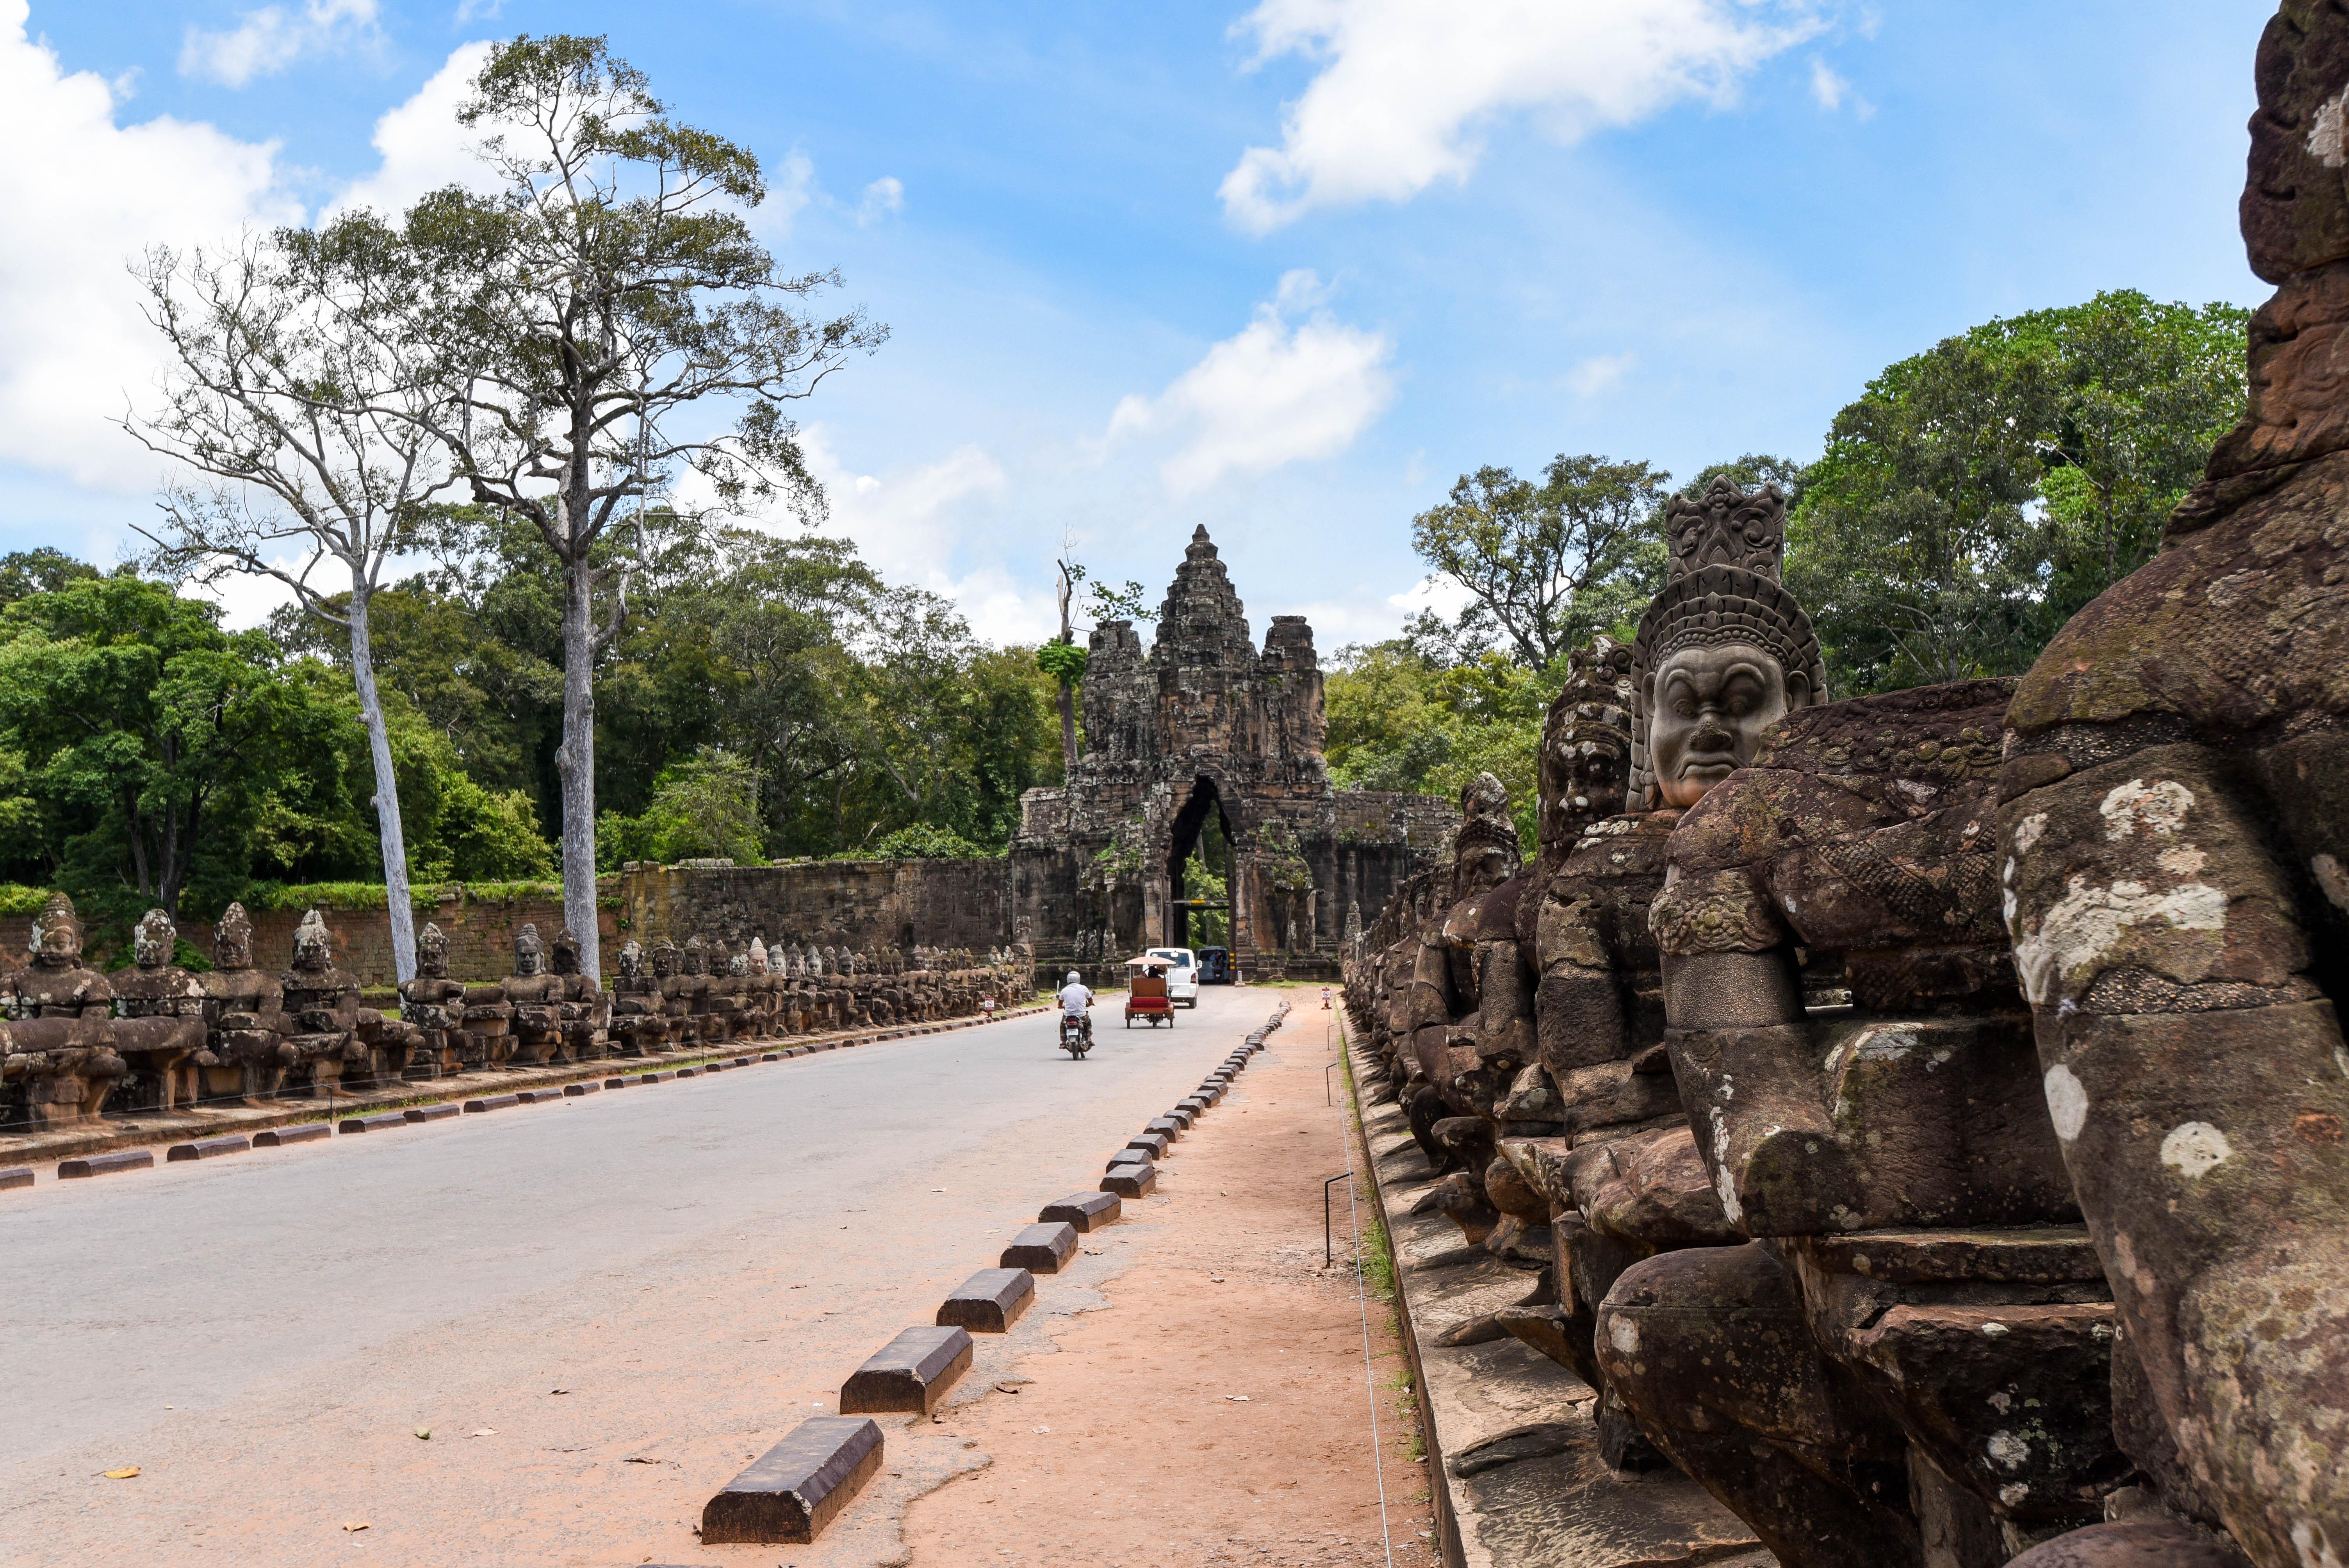 Se rendre aux temples d'Angkor depuis Phnom Penh